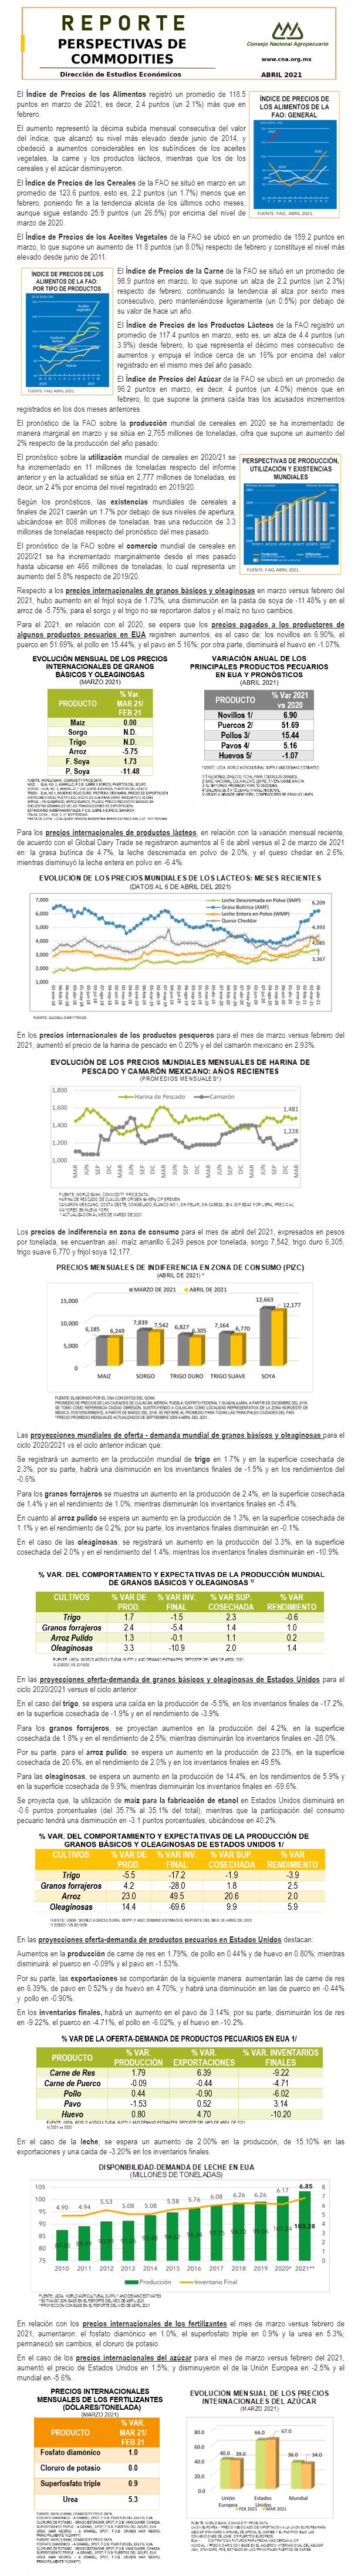 Reporte de Perspectivas Internacionales para los Commodities Agropecuarios de abril 2021.